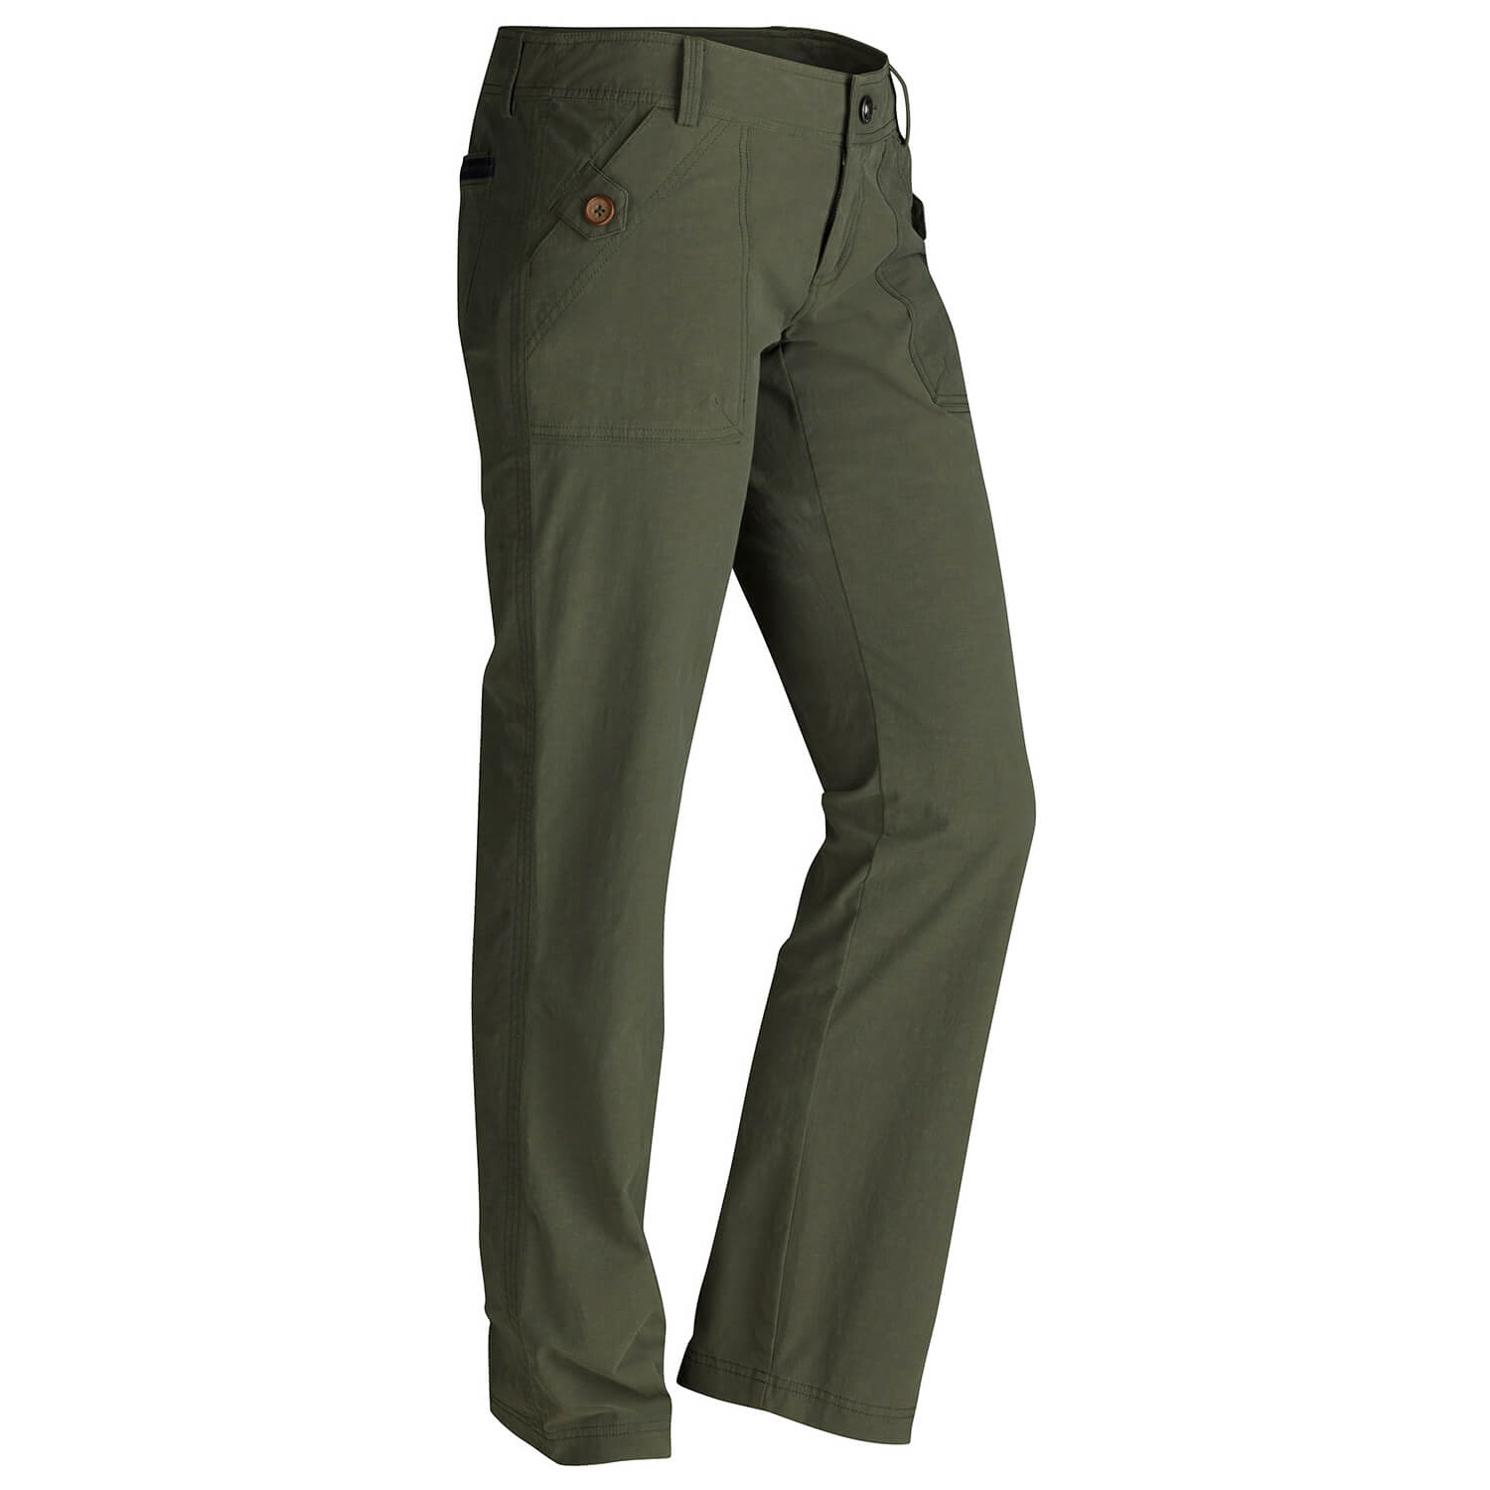 Marmot Ginny Pant - Walking Trousers Women's | Buy online